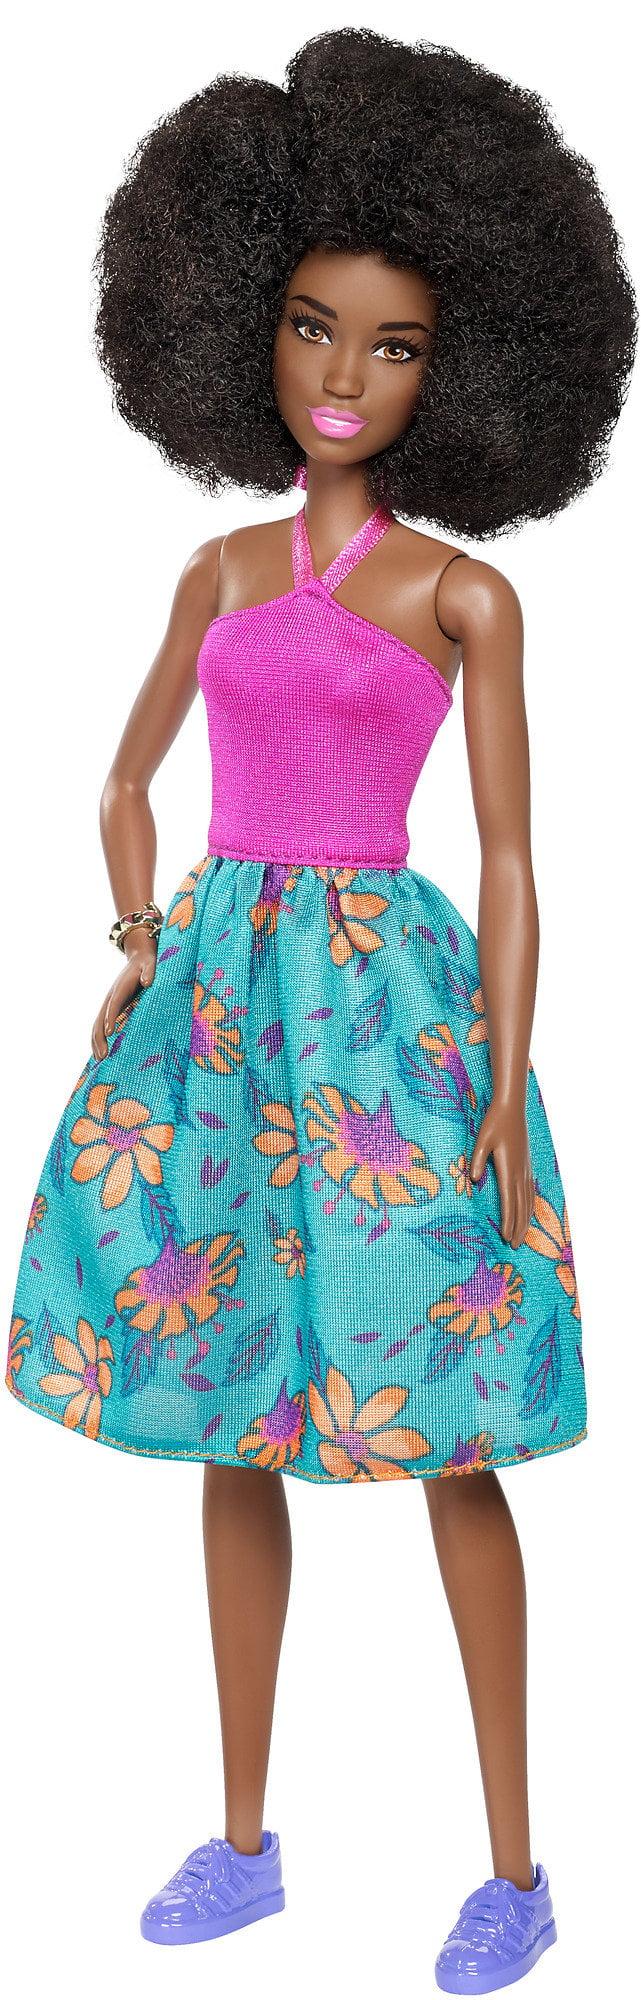 Barbie Fashionistas Doll Tropi-Cutie, Original Body, African American by Mattel